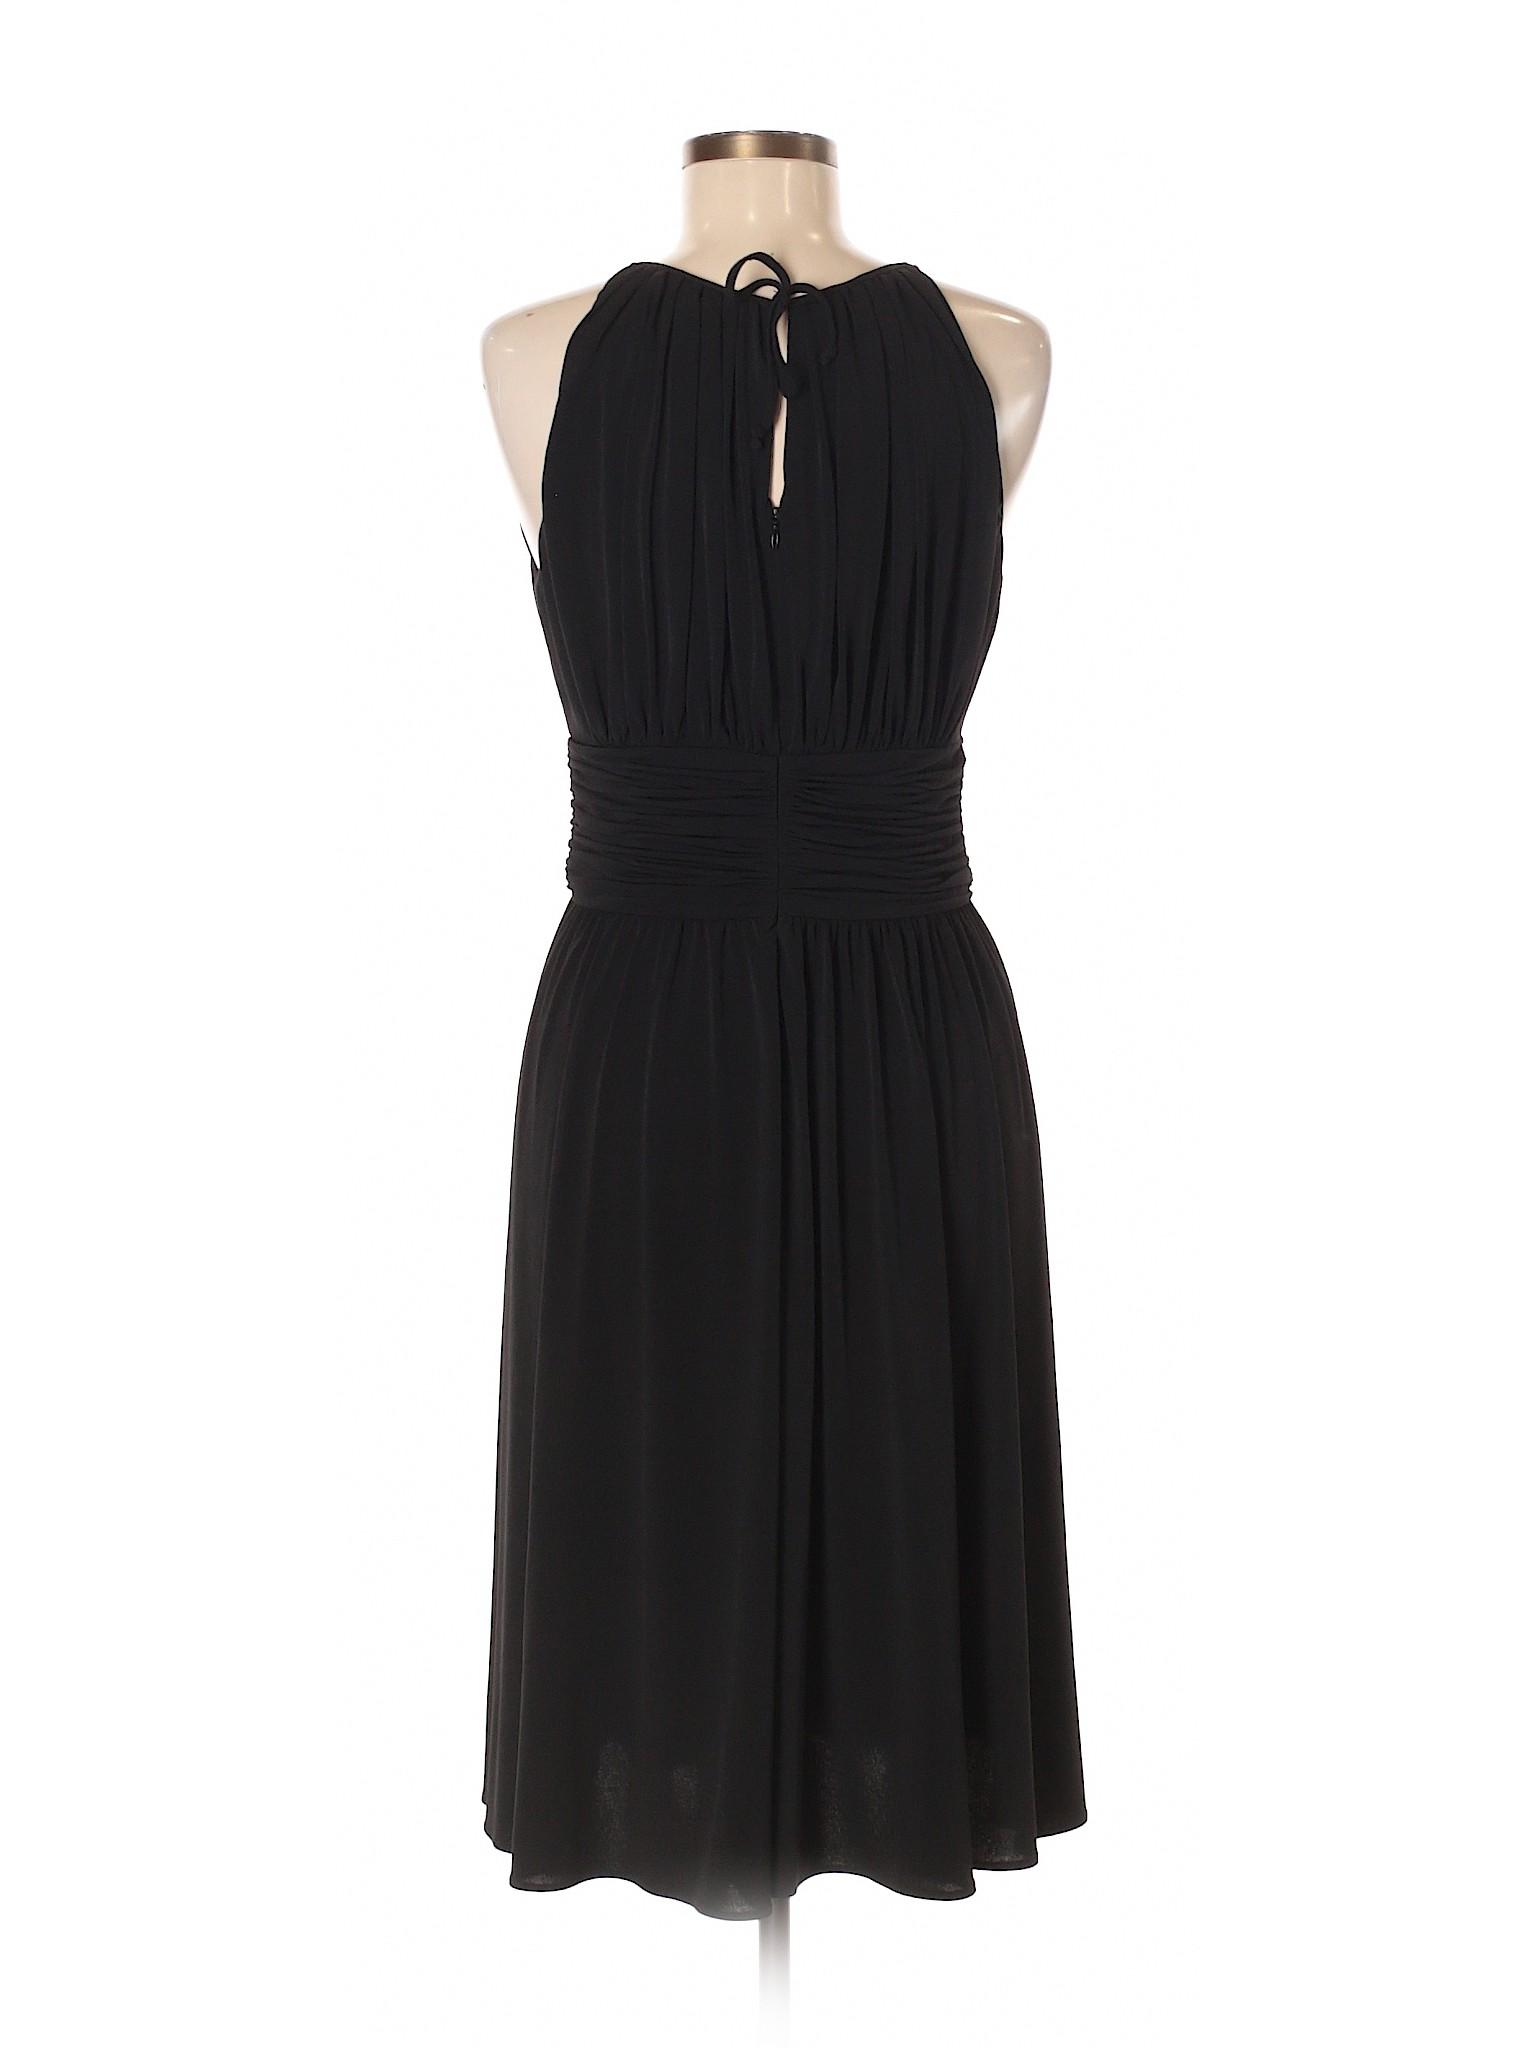 White Casual Boutique winter Market Dress House Black 5qwf70Bfx